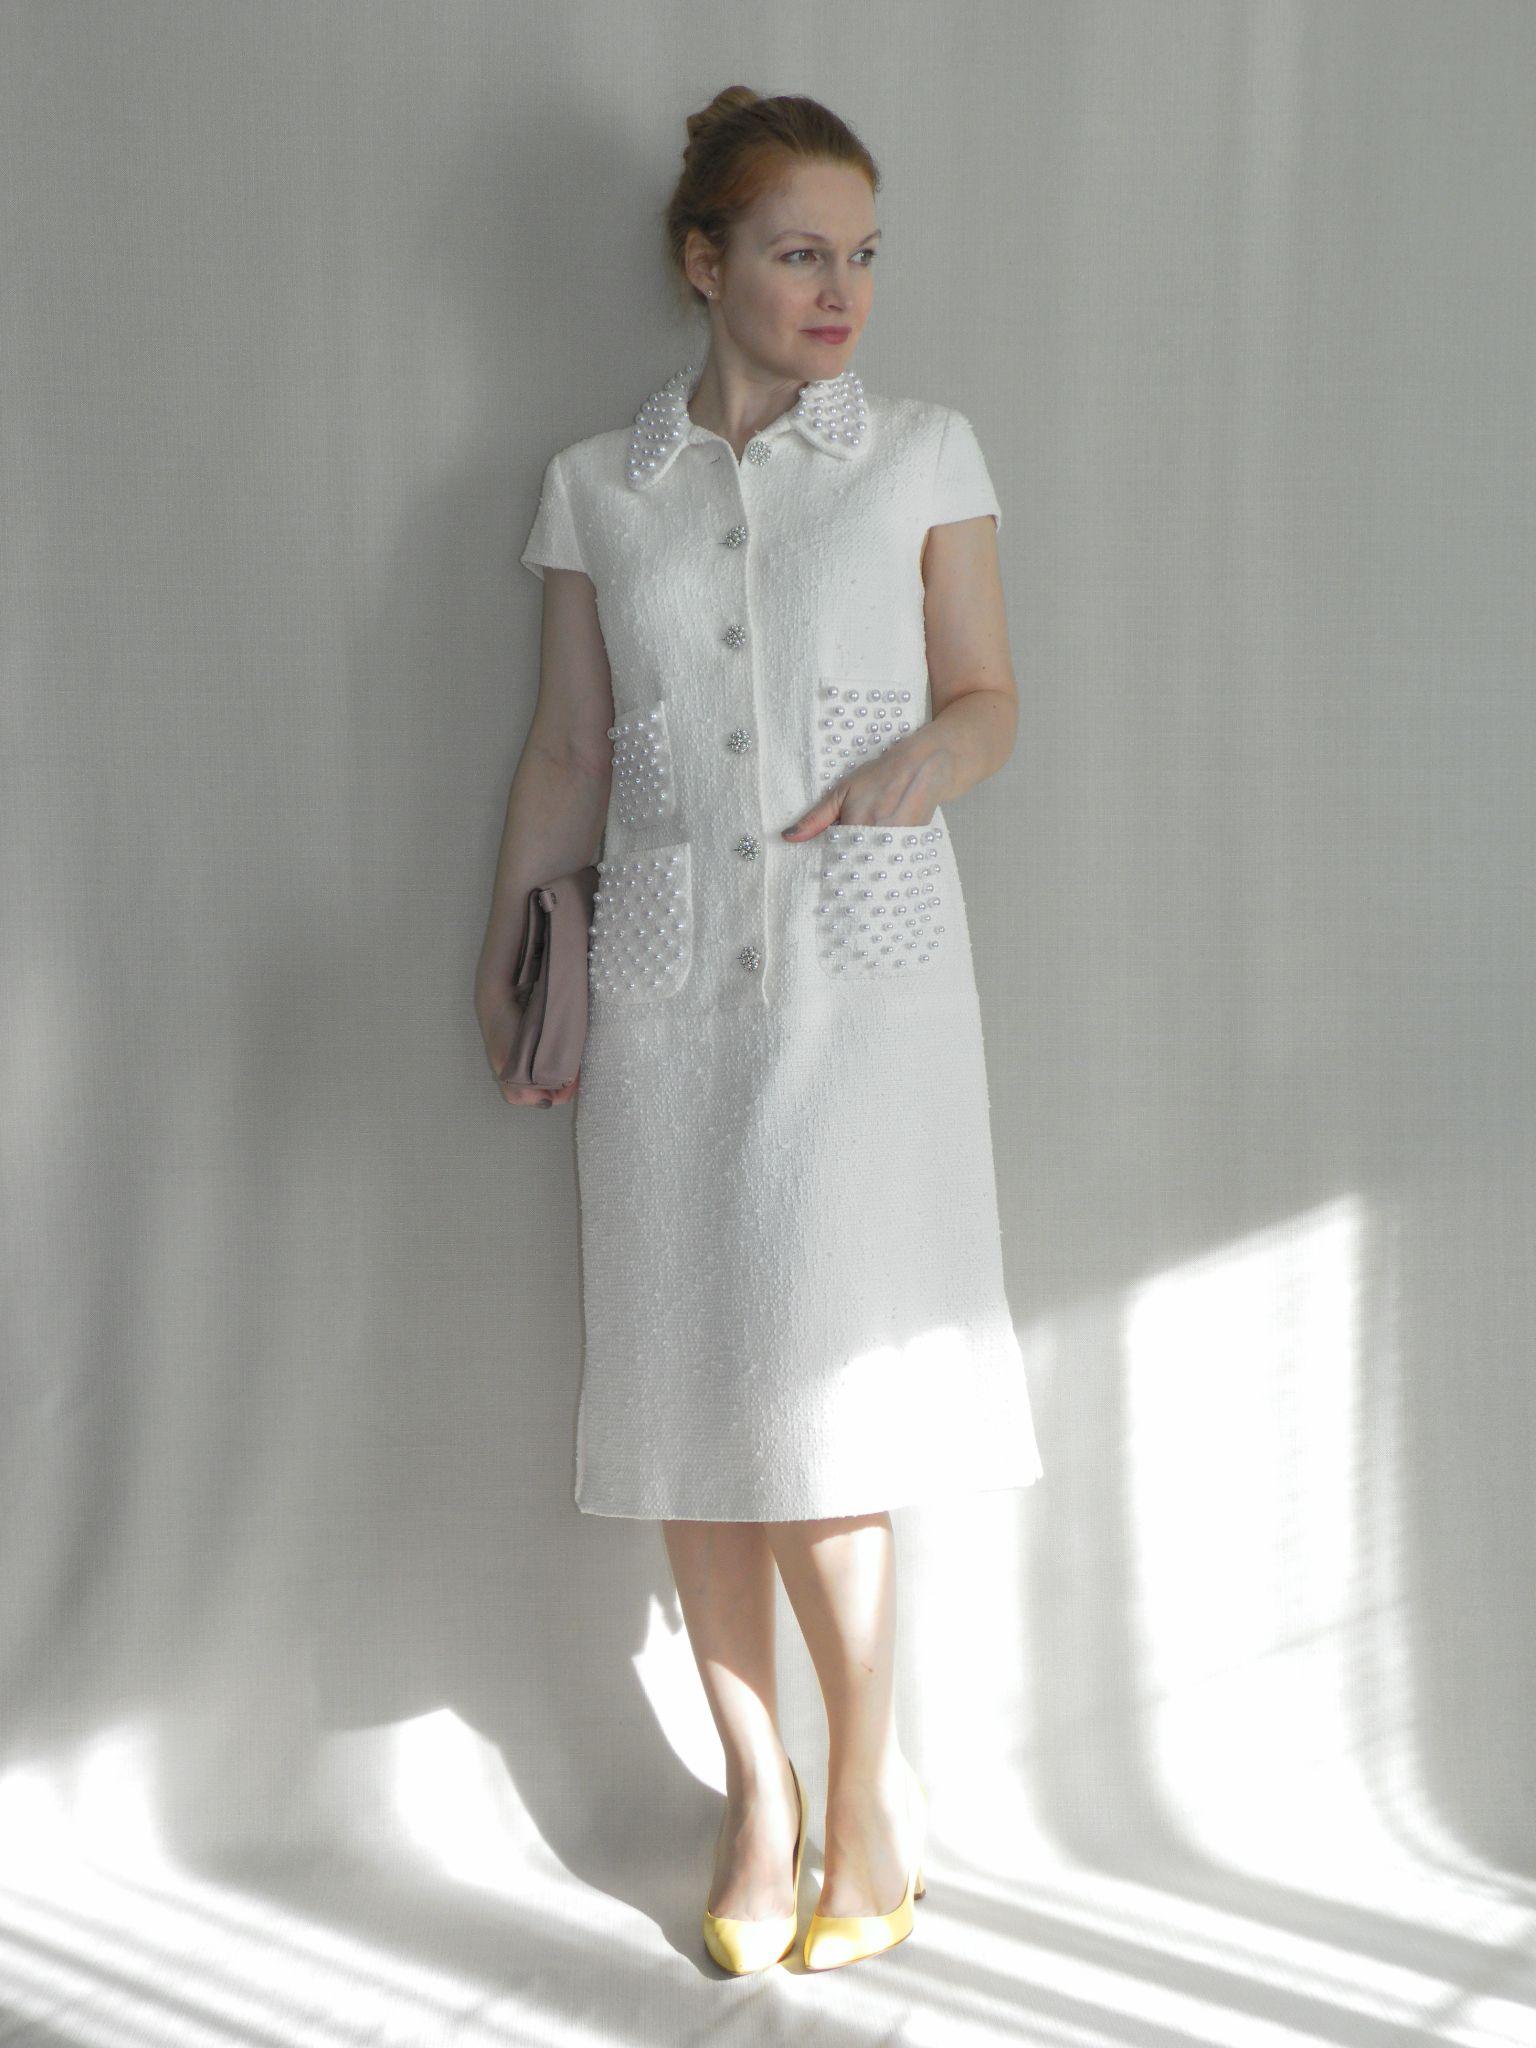 b04a1b9f70799da Платье в стиле Chanel Льняные Платья, Дневные Платья, Мода 50 Х, Модные  Платья